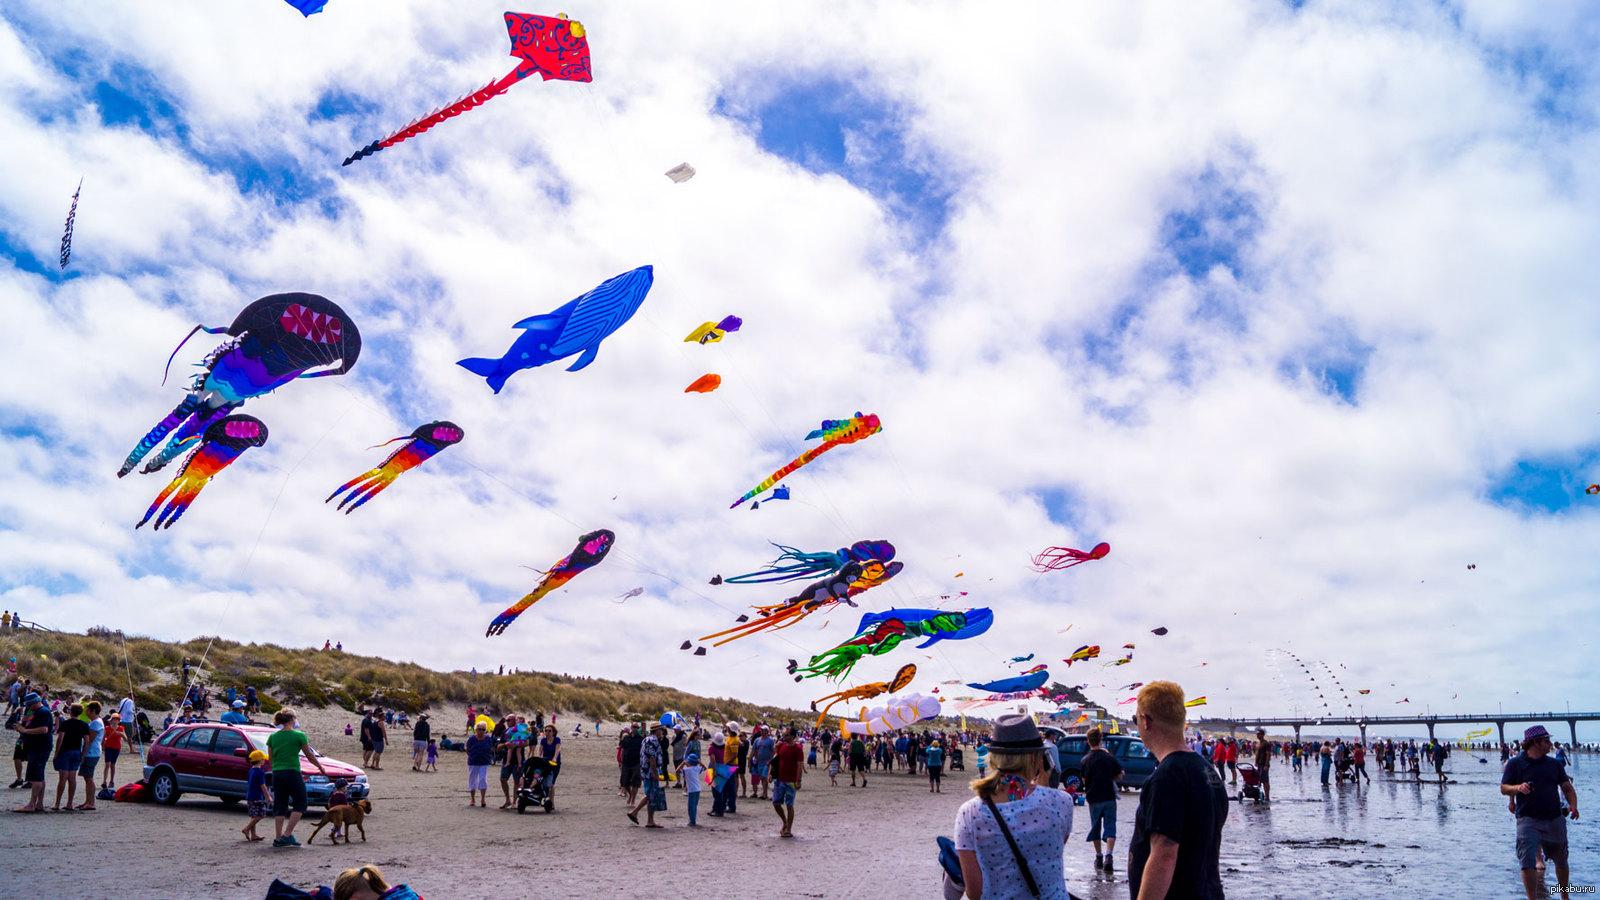 картинка фестиваль воздушных змеев летней